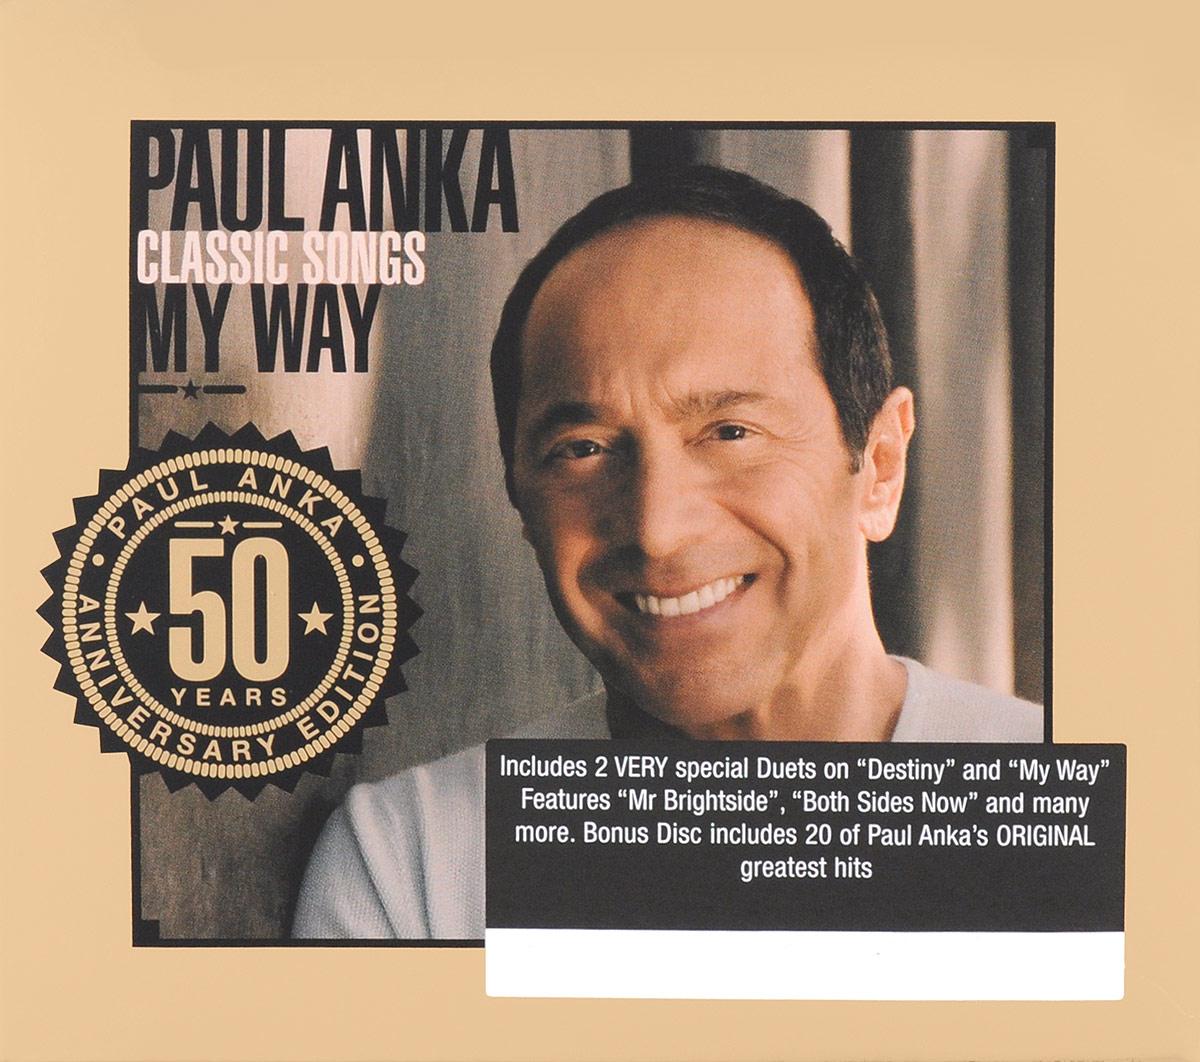 Пол Анка,Майкл Бубле,Джон Бон Джови,Сэмми Дэвис младший Paul Anka. Classic Songs. My Way. 50th Anniversary Edition (2 CD) paul anka rama